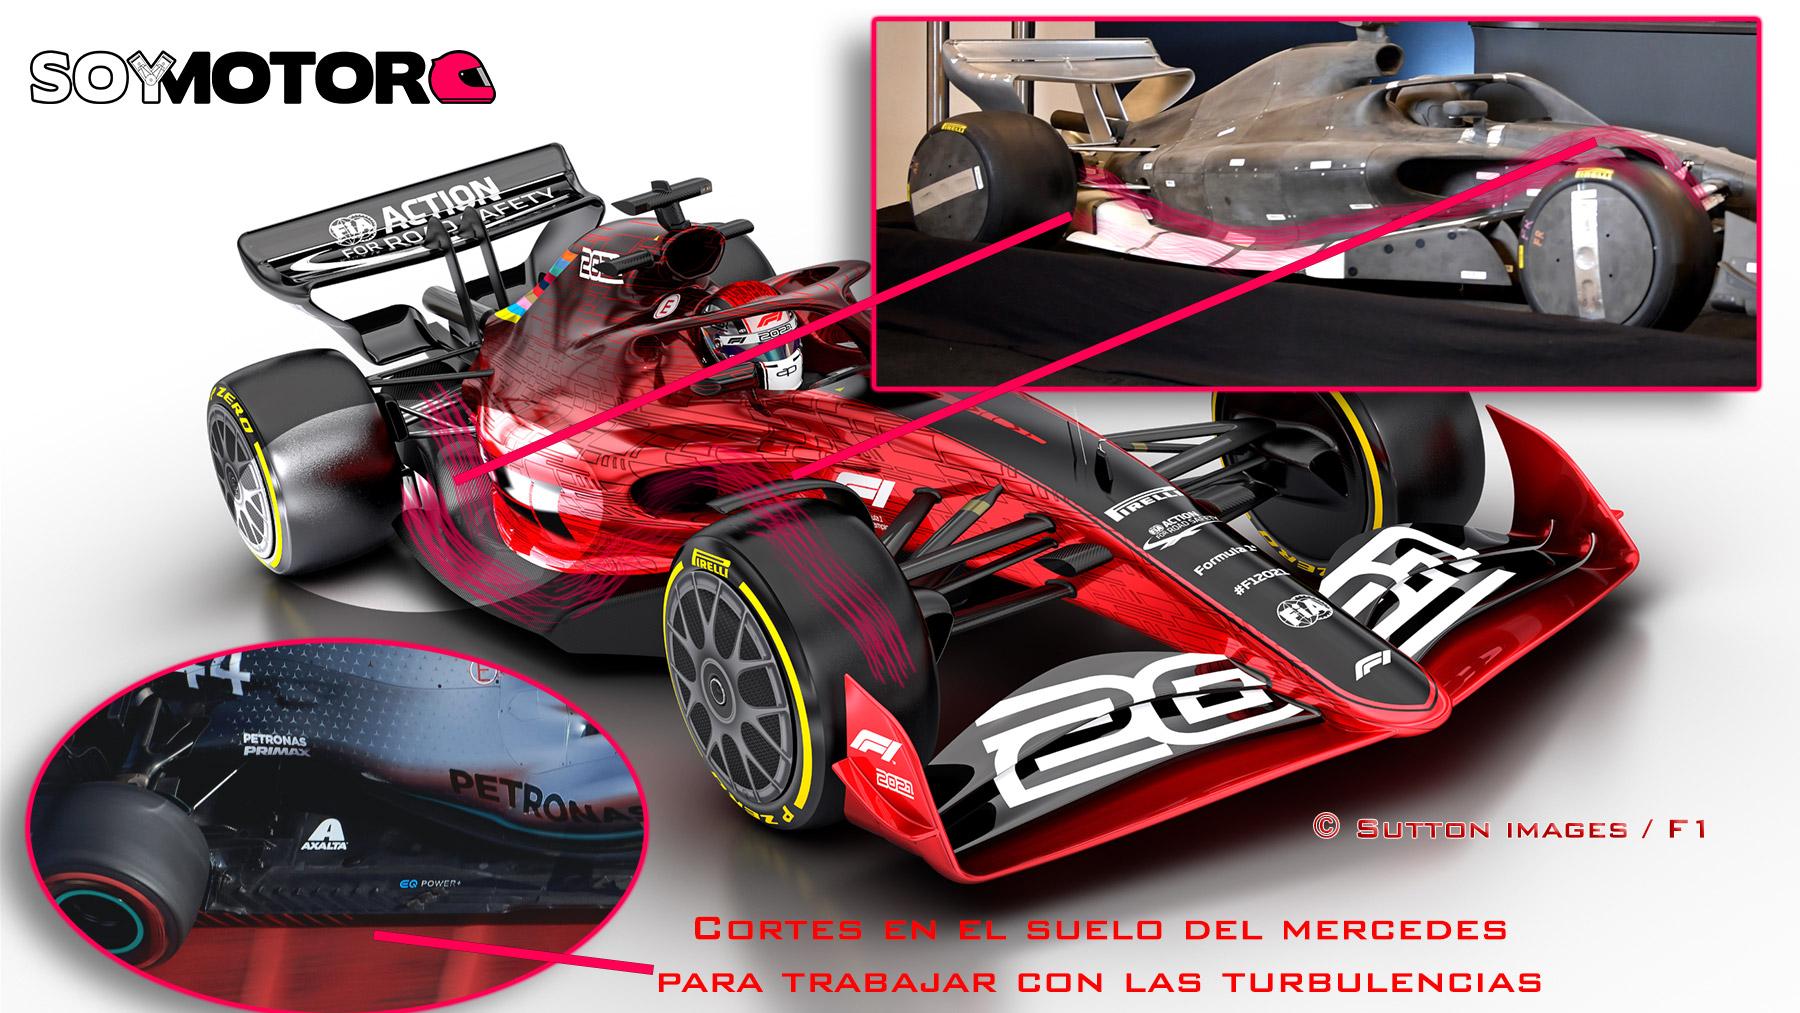 carenado-ruedas-2021-soymotor.jpg